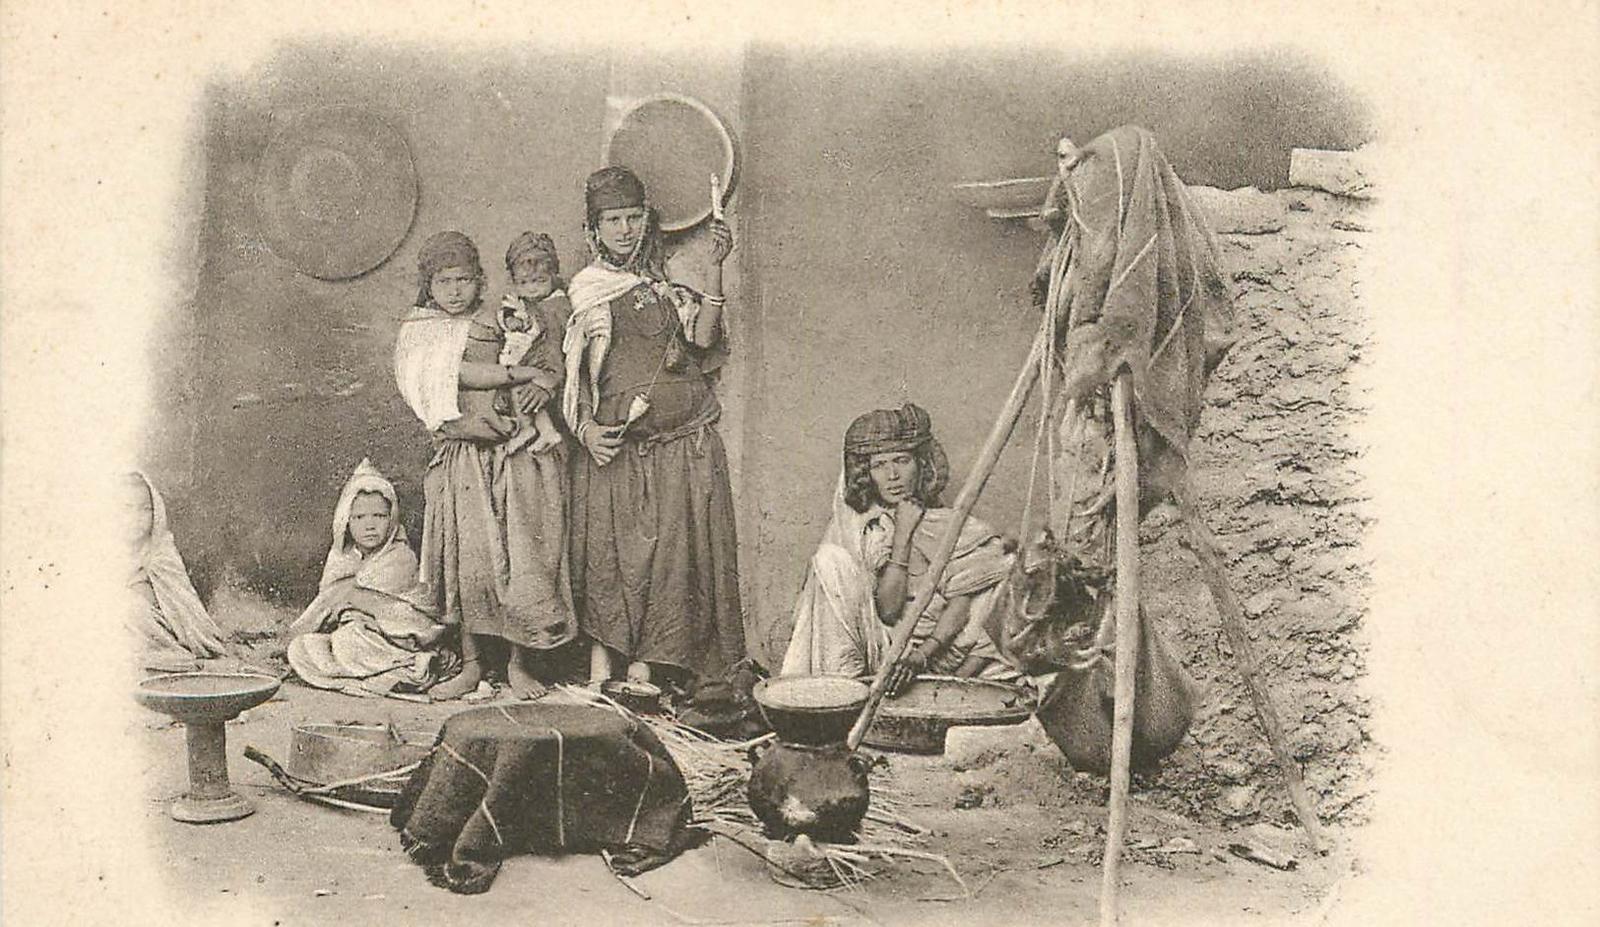 Biskra - ALGERIE 'Biskra, intérieur arabe'